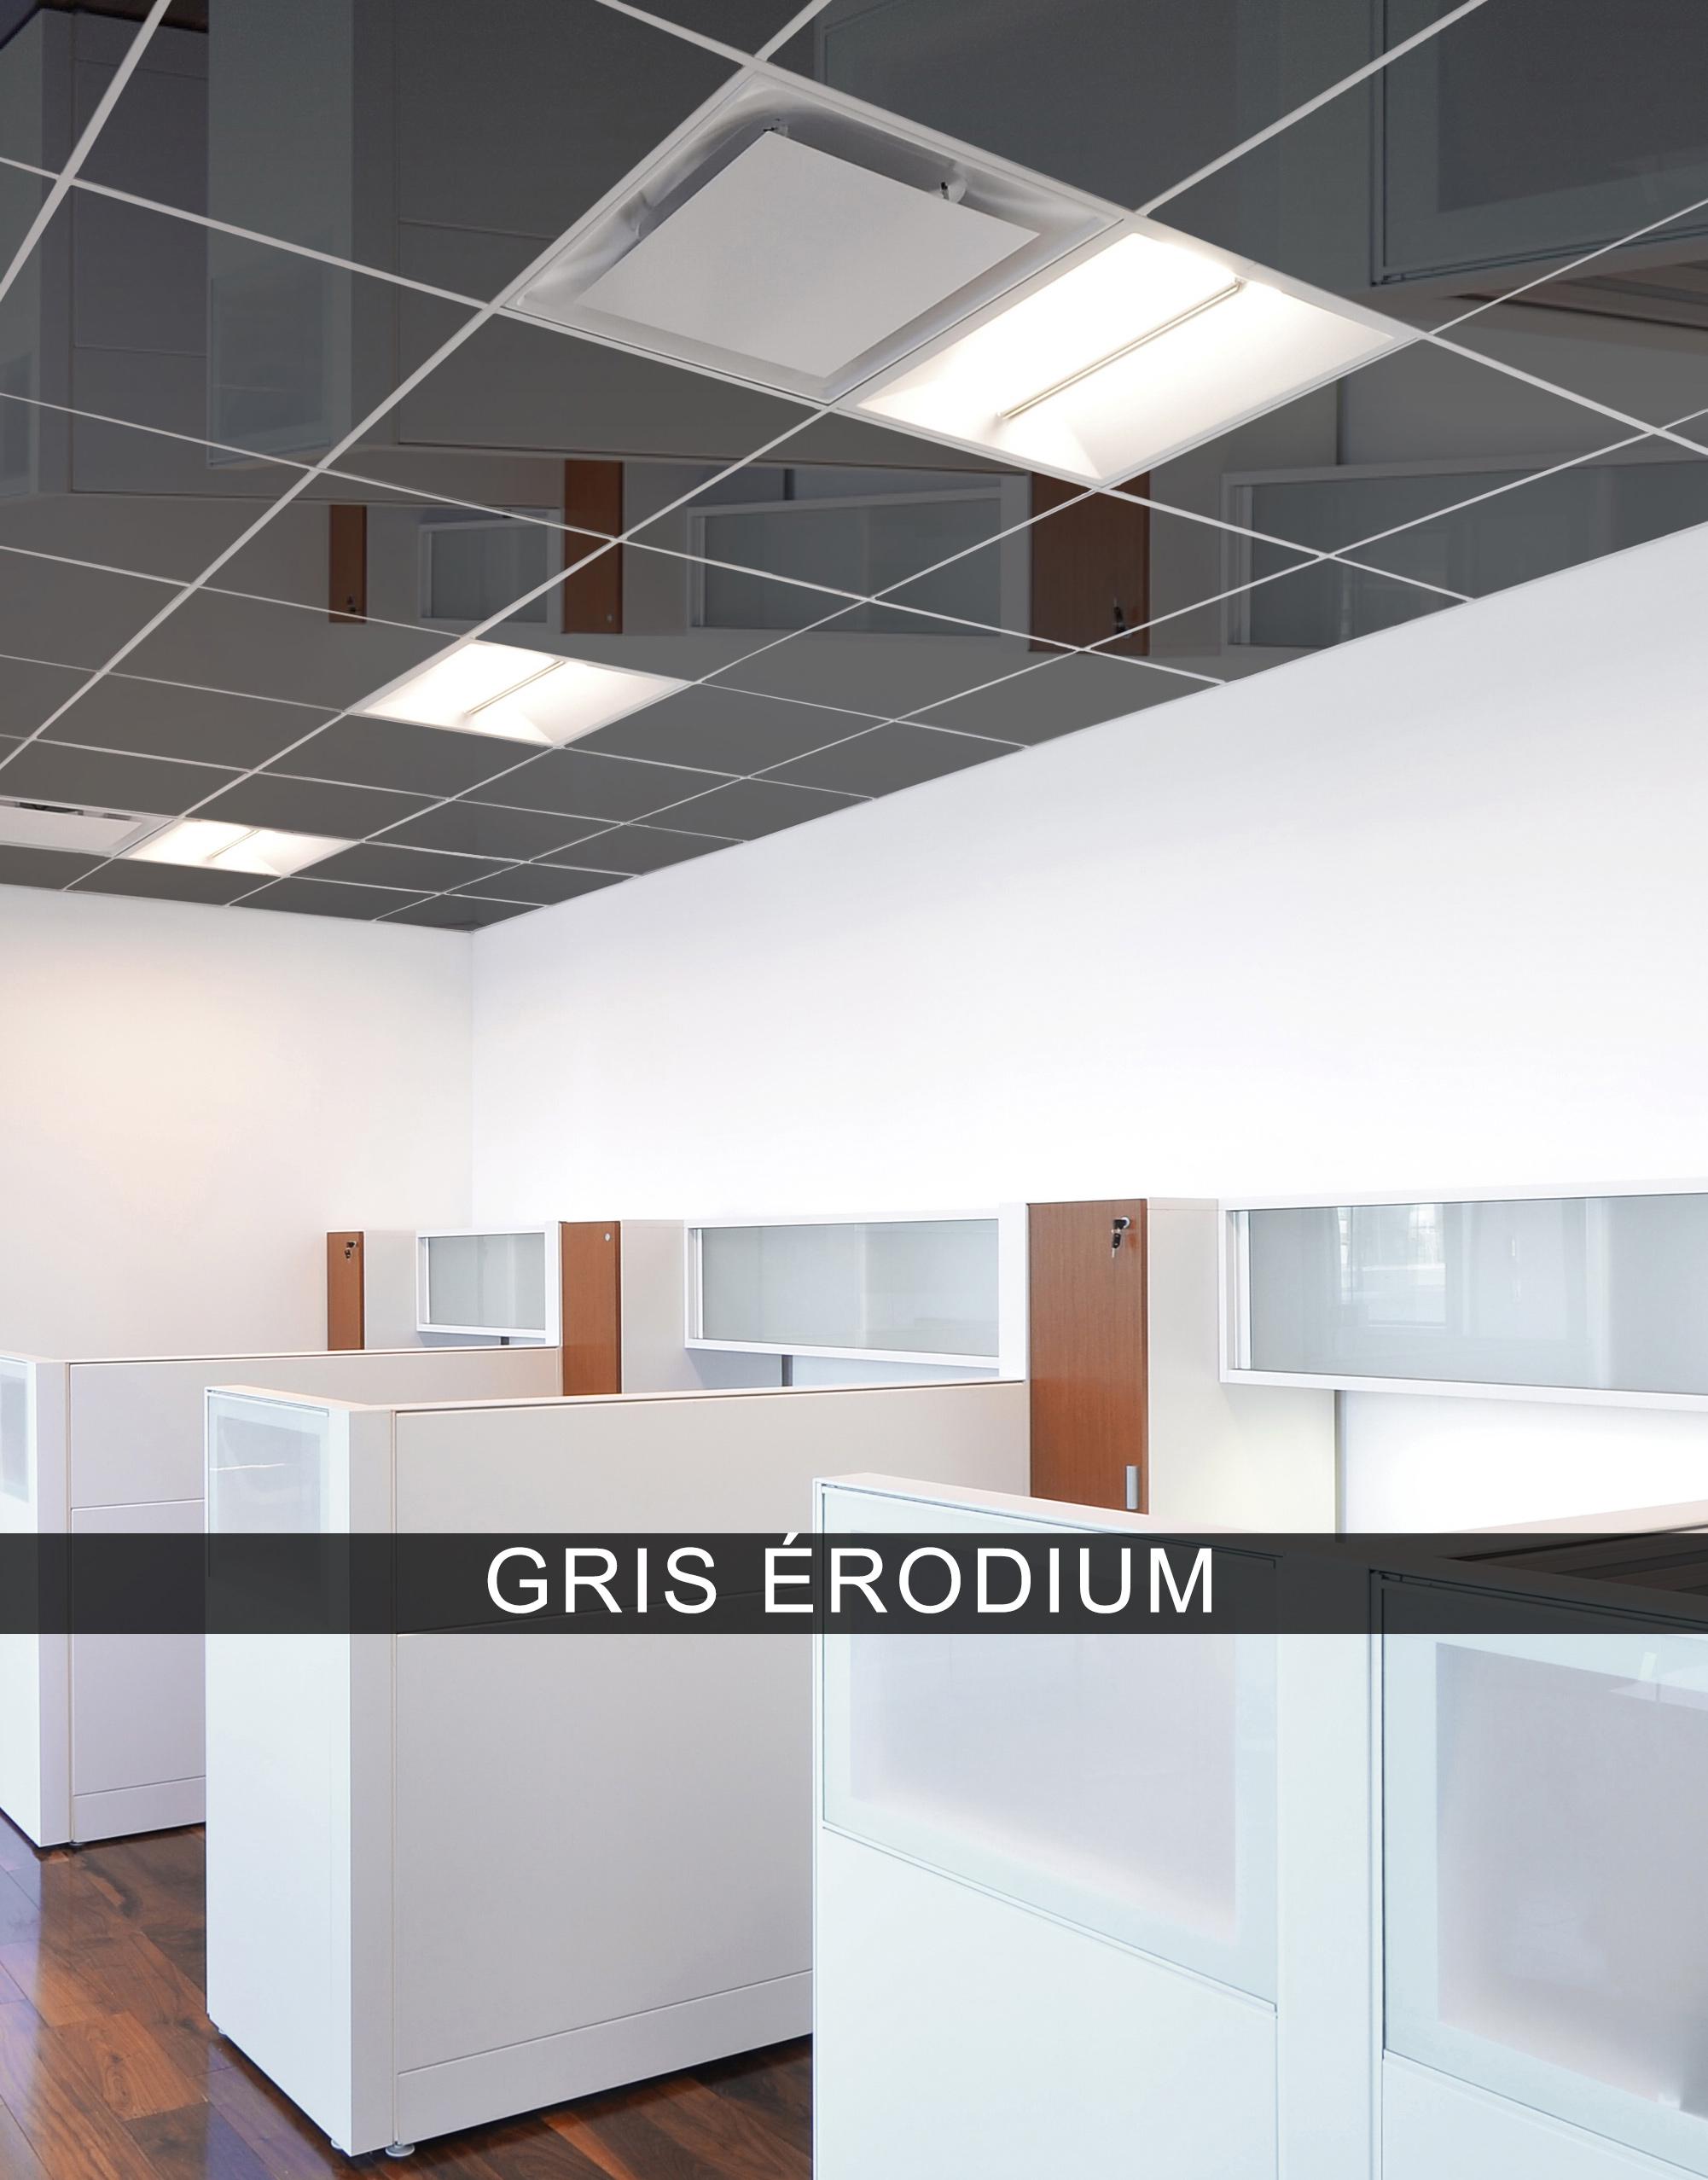 grisérodium